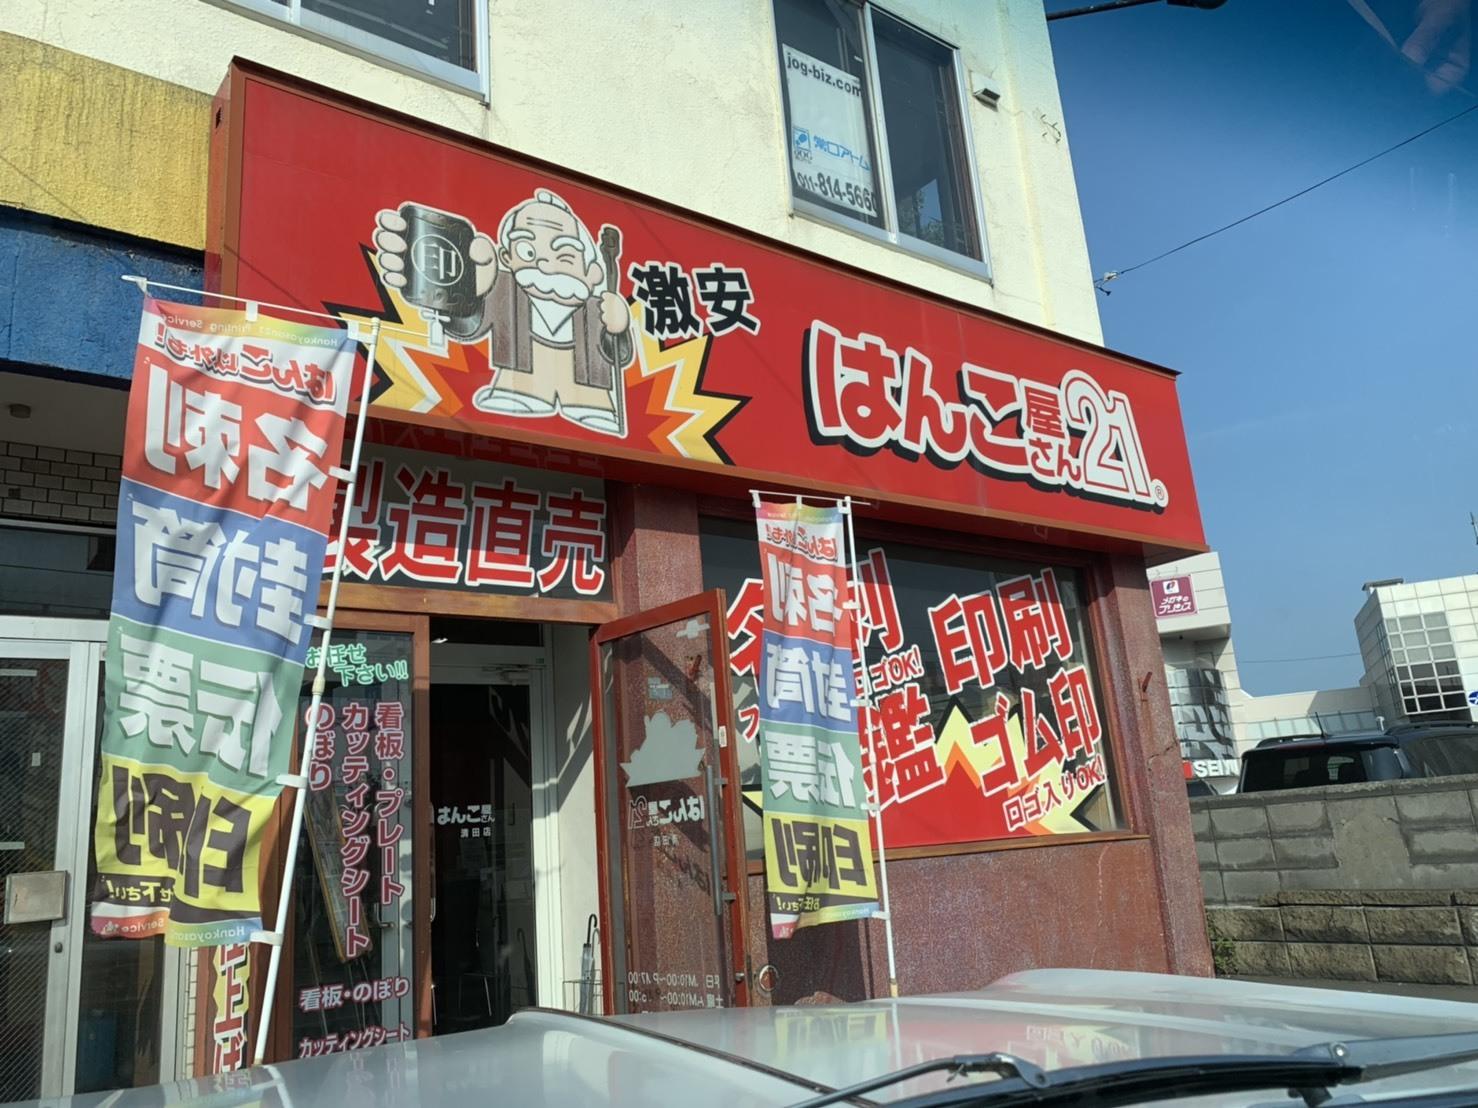 8月6日(火)本店ブログ♪ タントカスタムX ありますよおおお ランクル ハマー アルファード♪ _b0127002_20100201.jpg